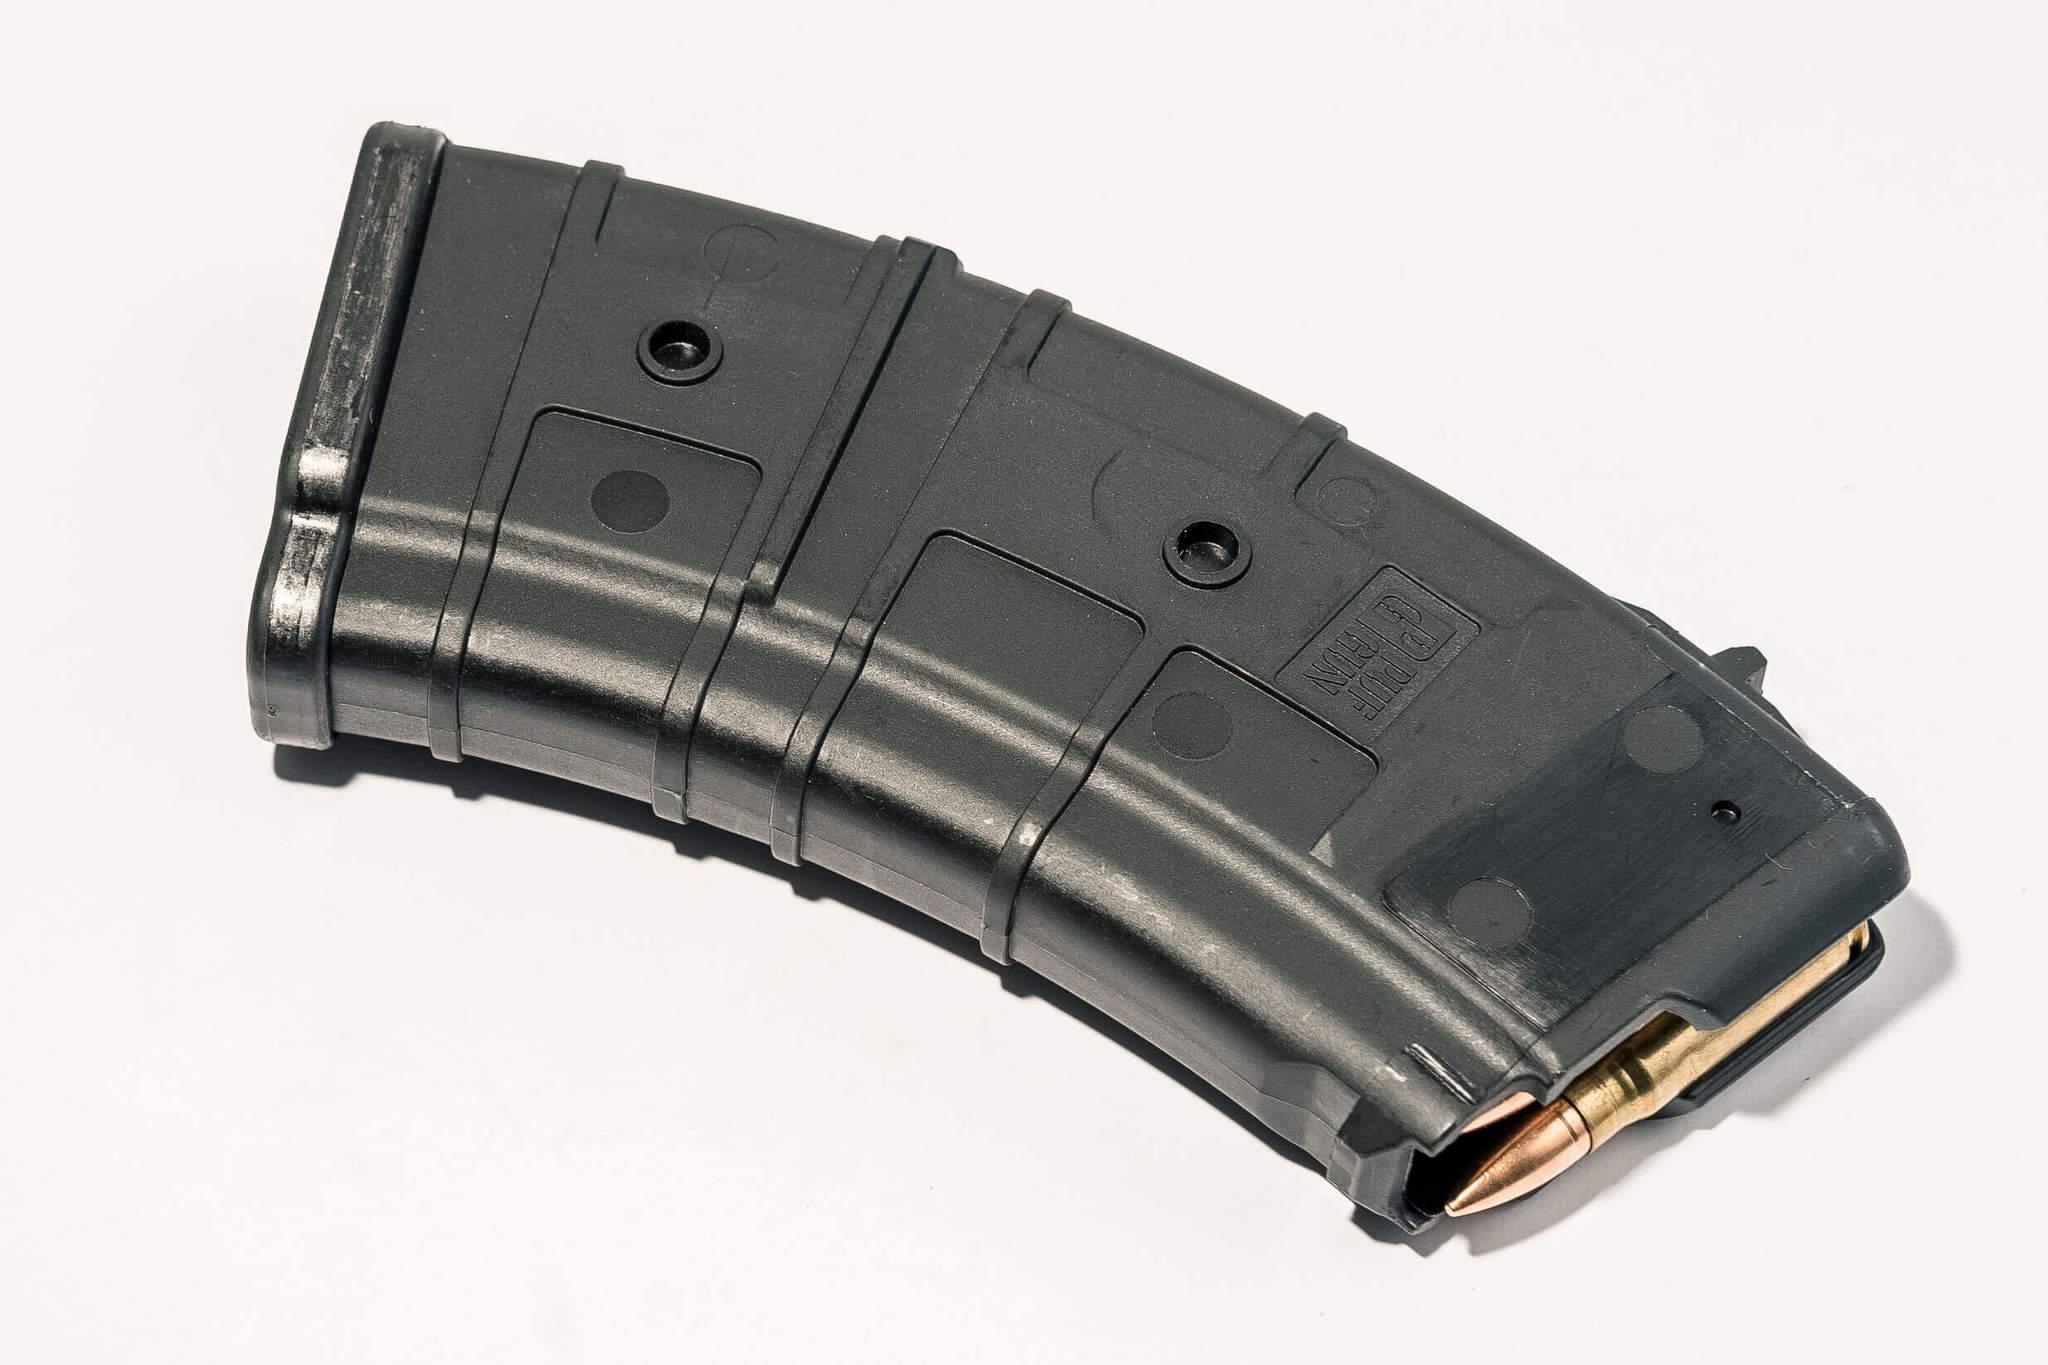 Магазин Pufgun для АКМ (7.62x39) ВПО-136 ВПО-209 на 20 Gen2, черный